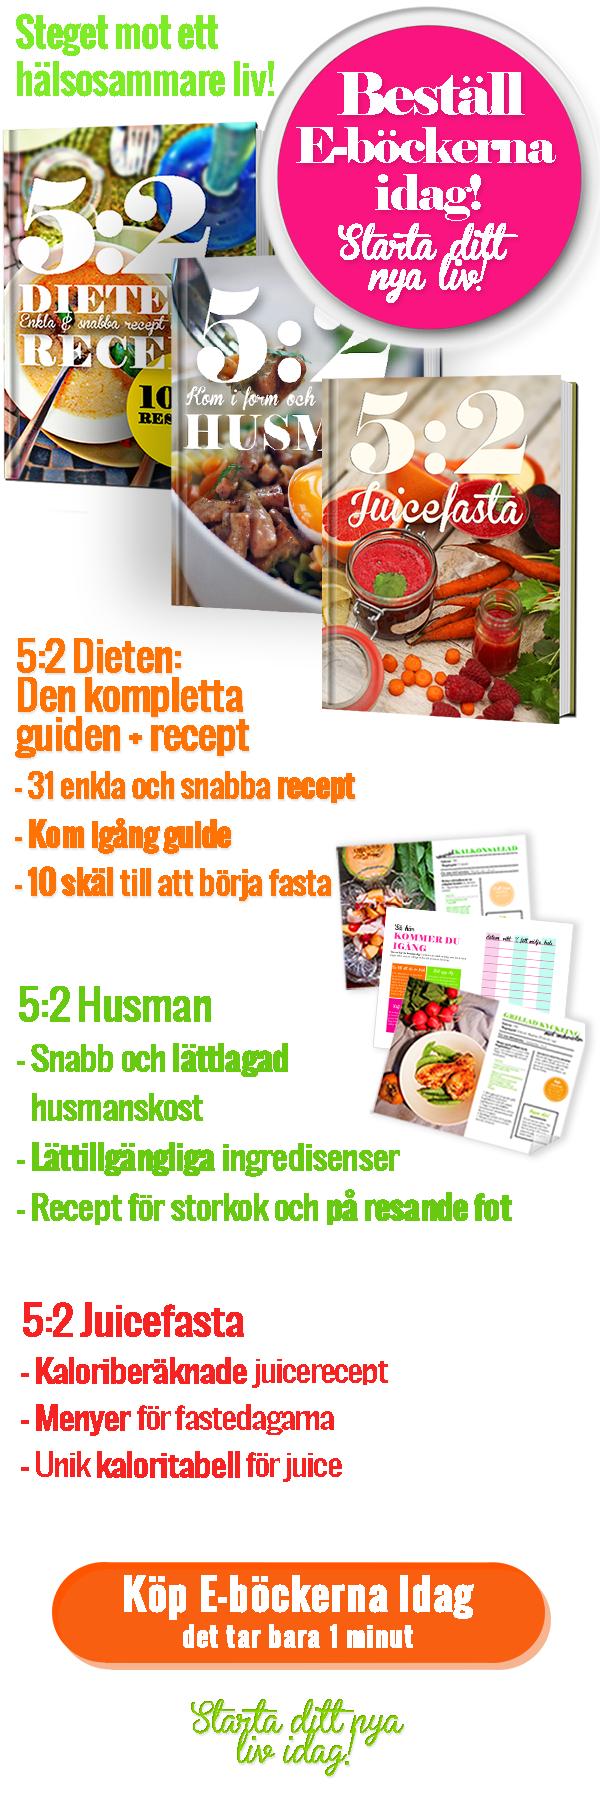 diet 5 2 metoden